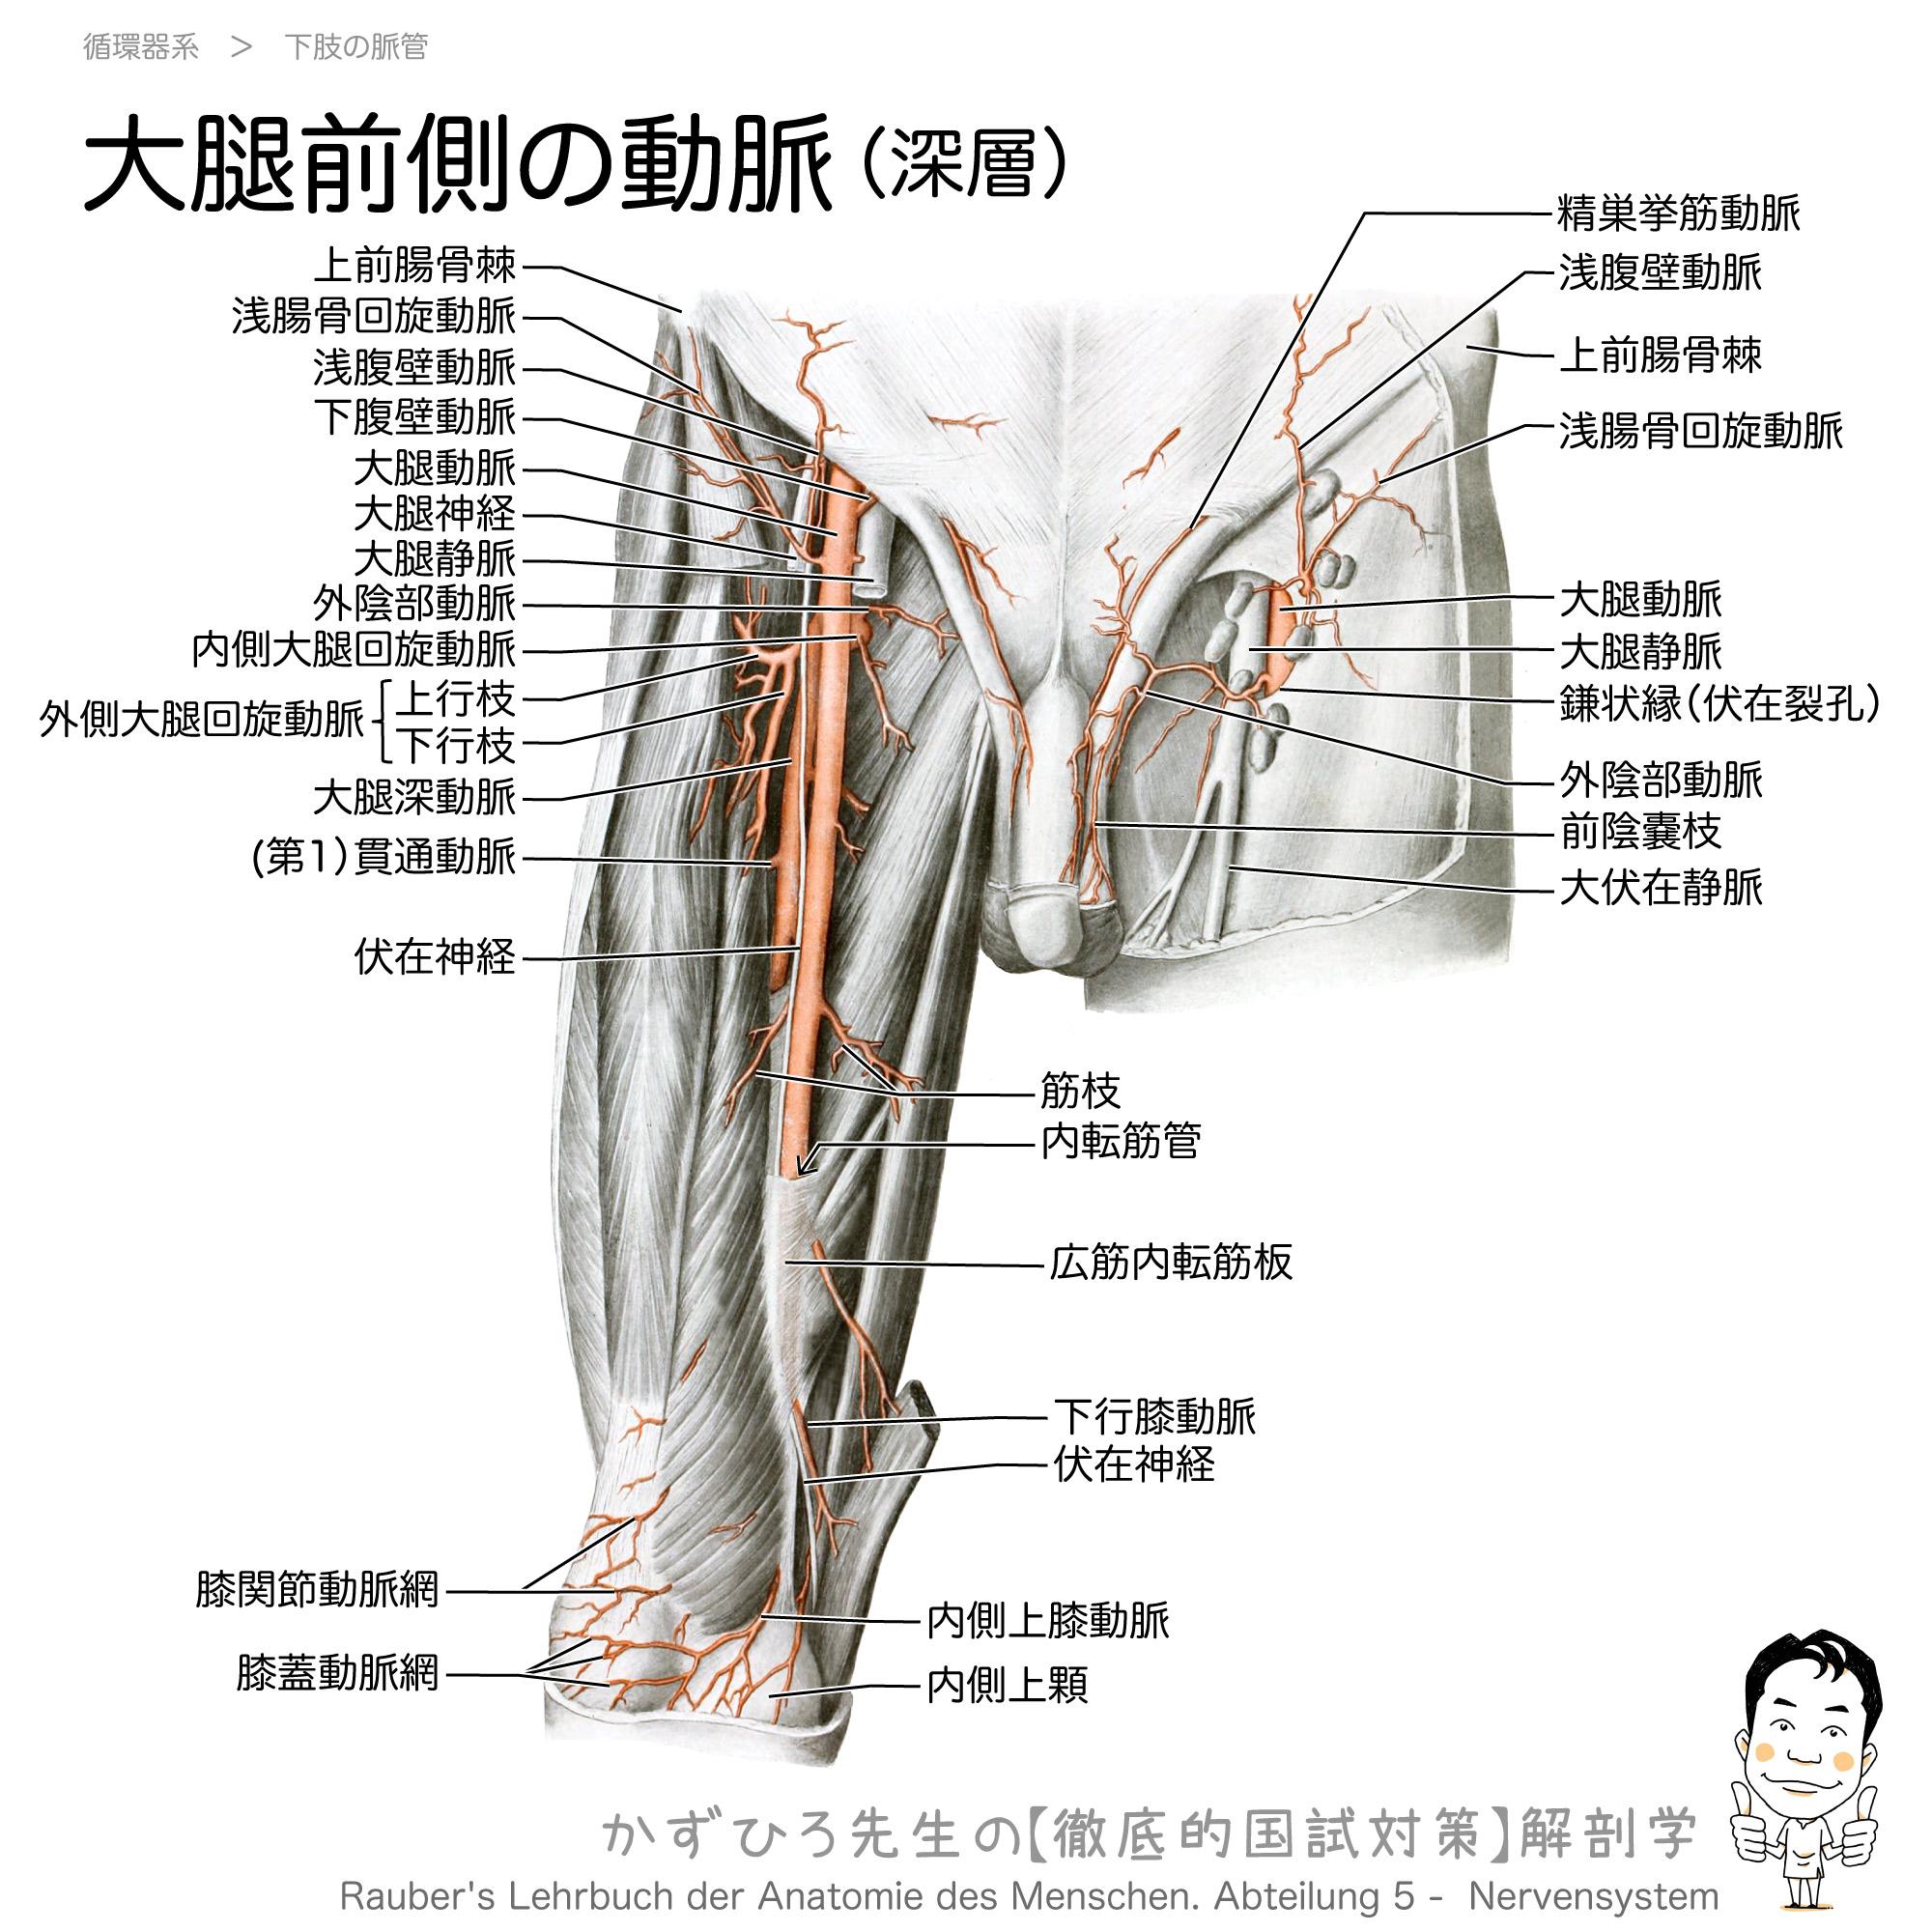 大腿前側の動脈(深層):大腿動脈と大腿深動脈/伏在裂孔